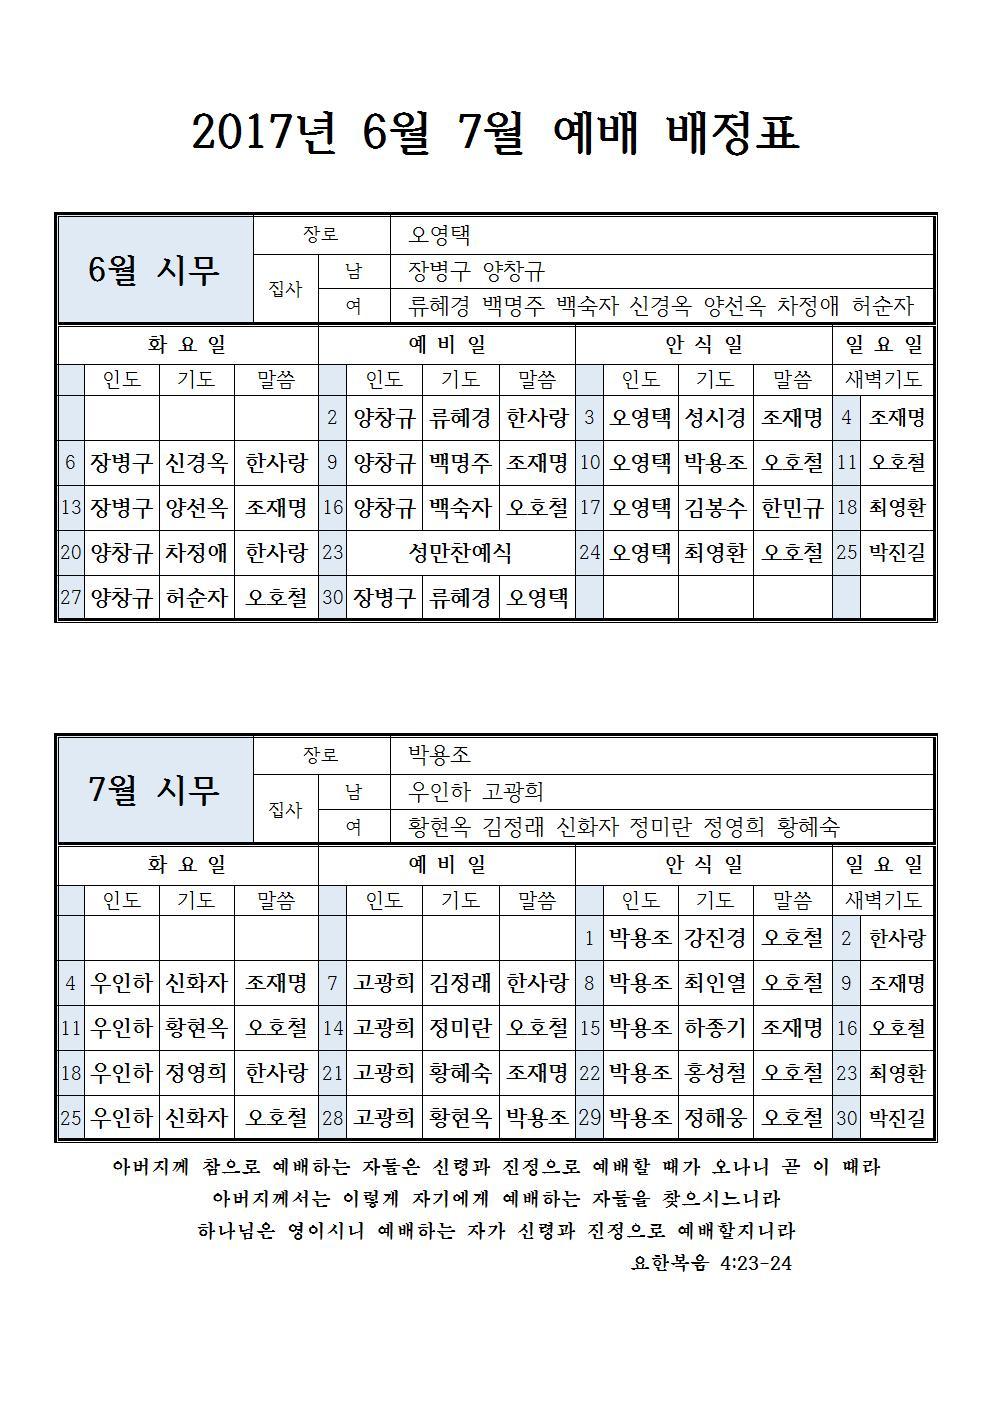 2017년 6 7월 예배배정표001